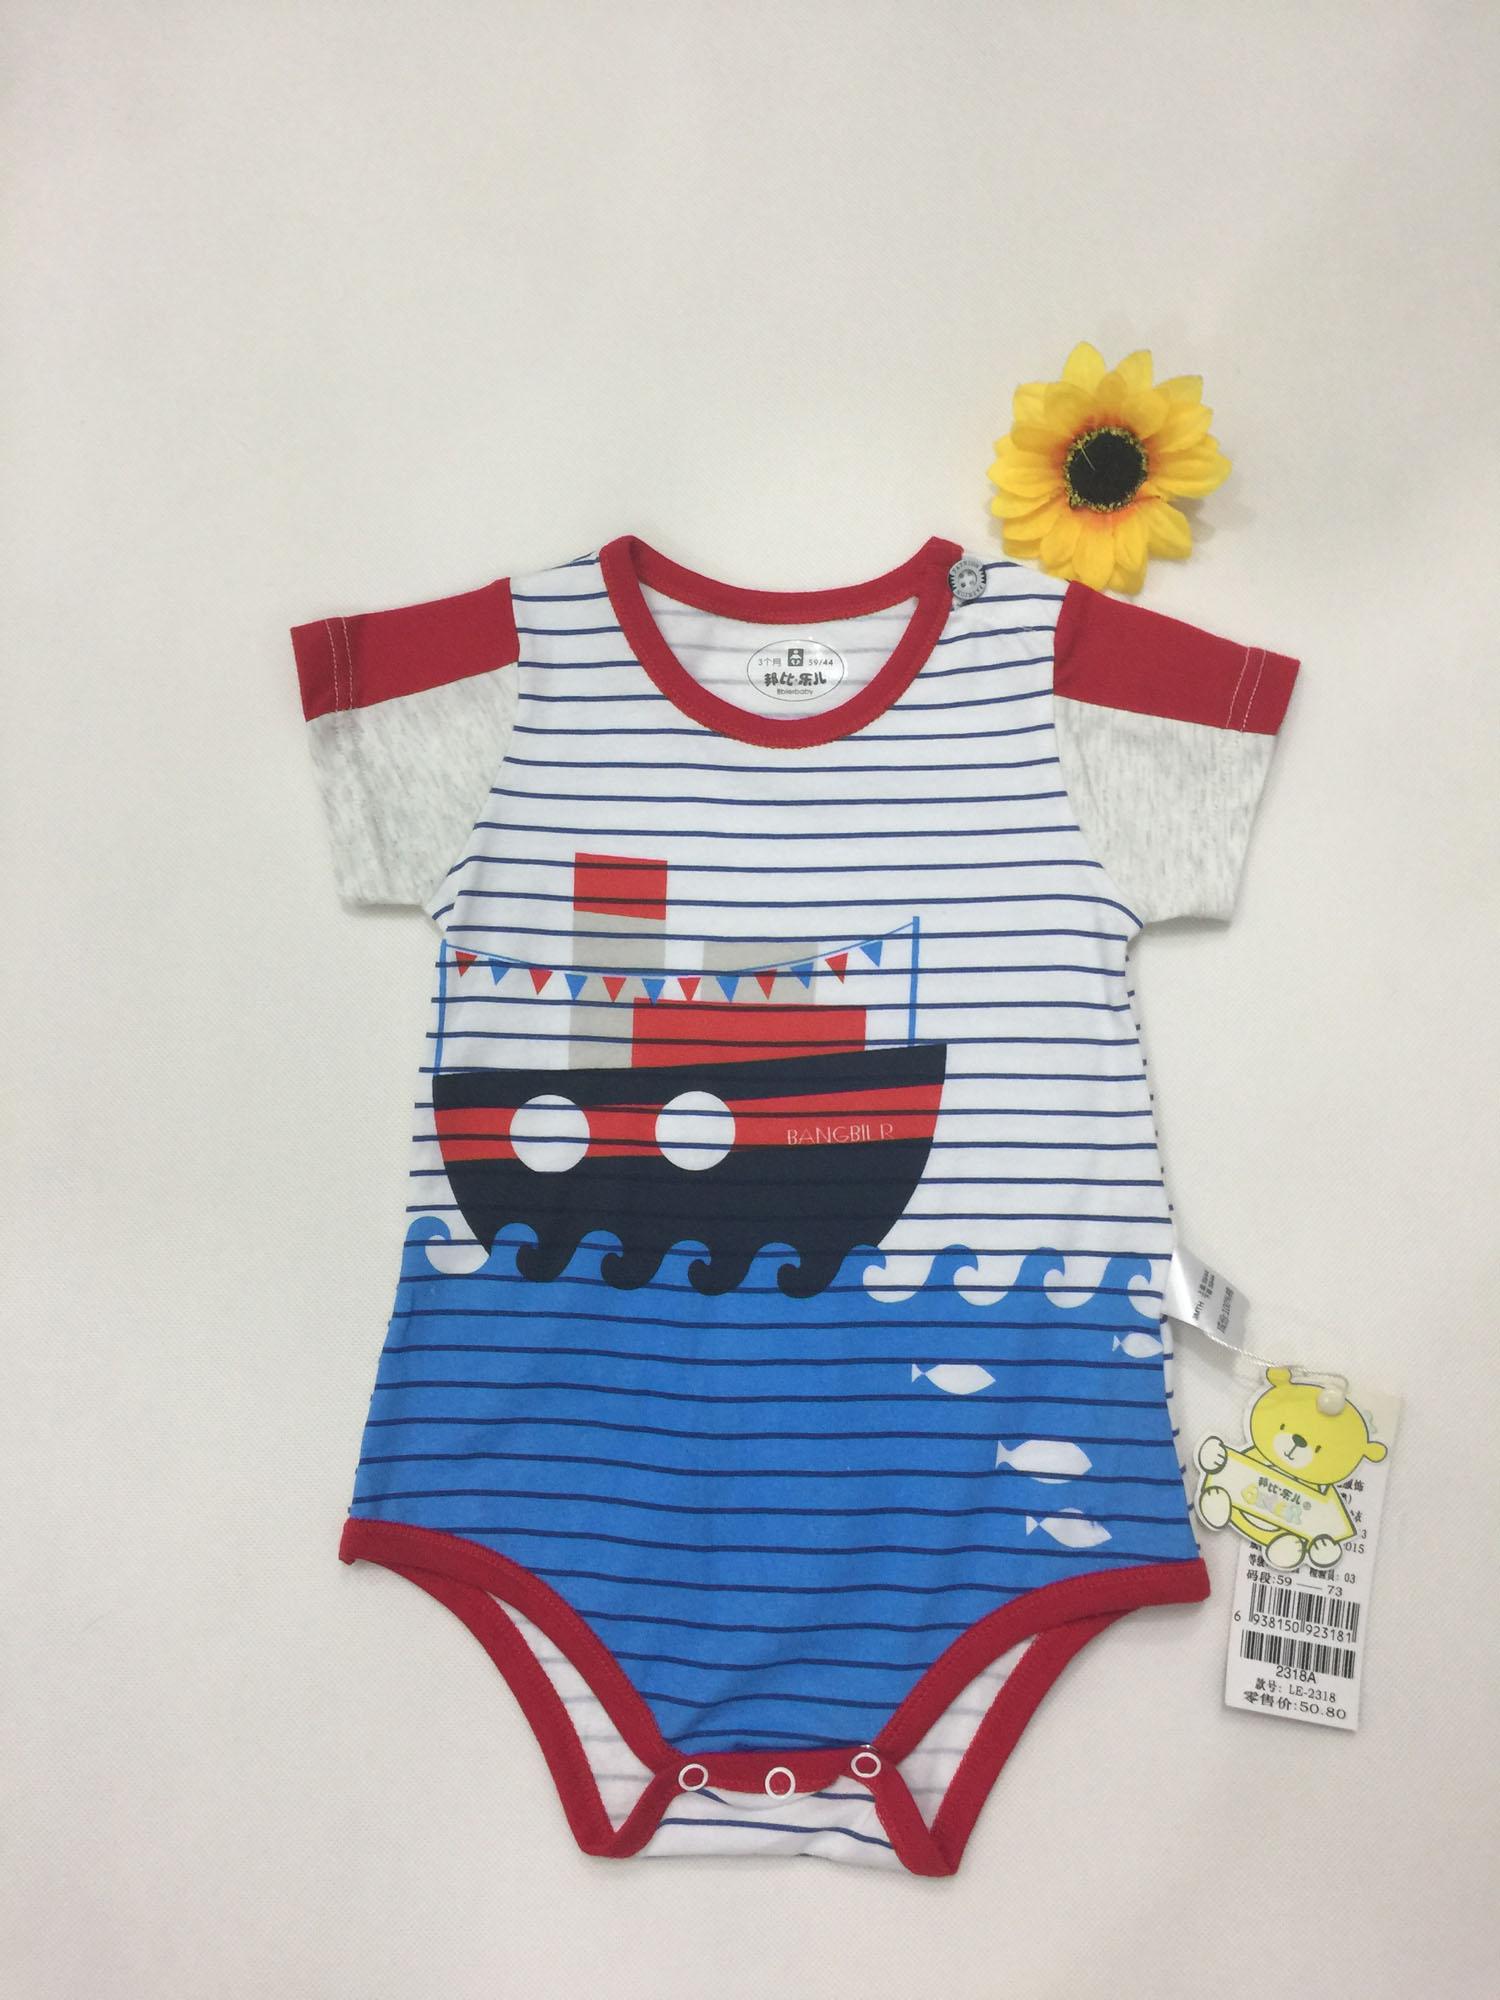 邦比乐儿婴童夏季新款三角哈衣 纯棉薄款柔软短袖包庇衣 婴儿服饰